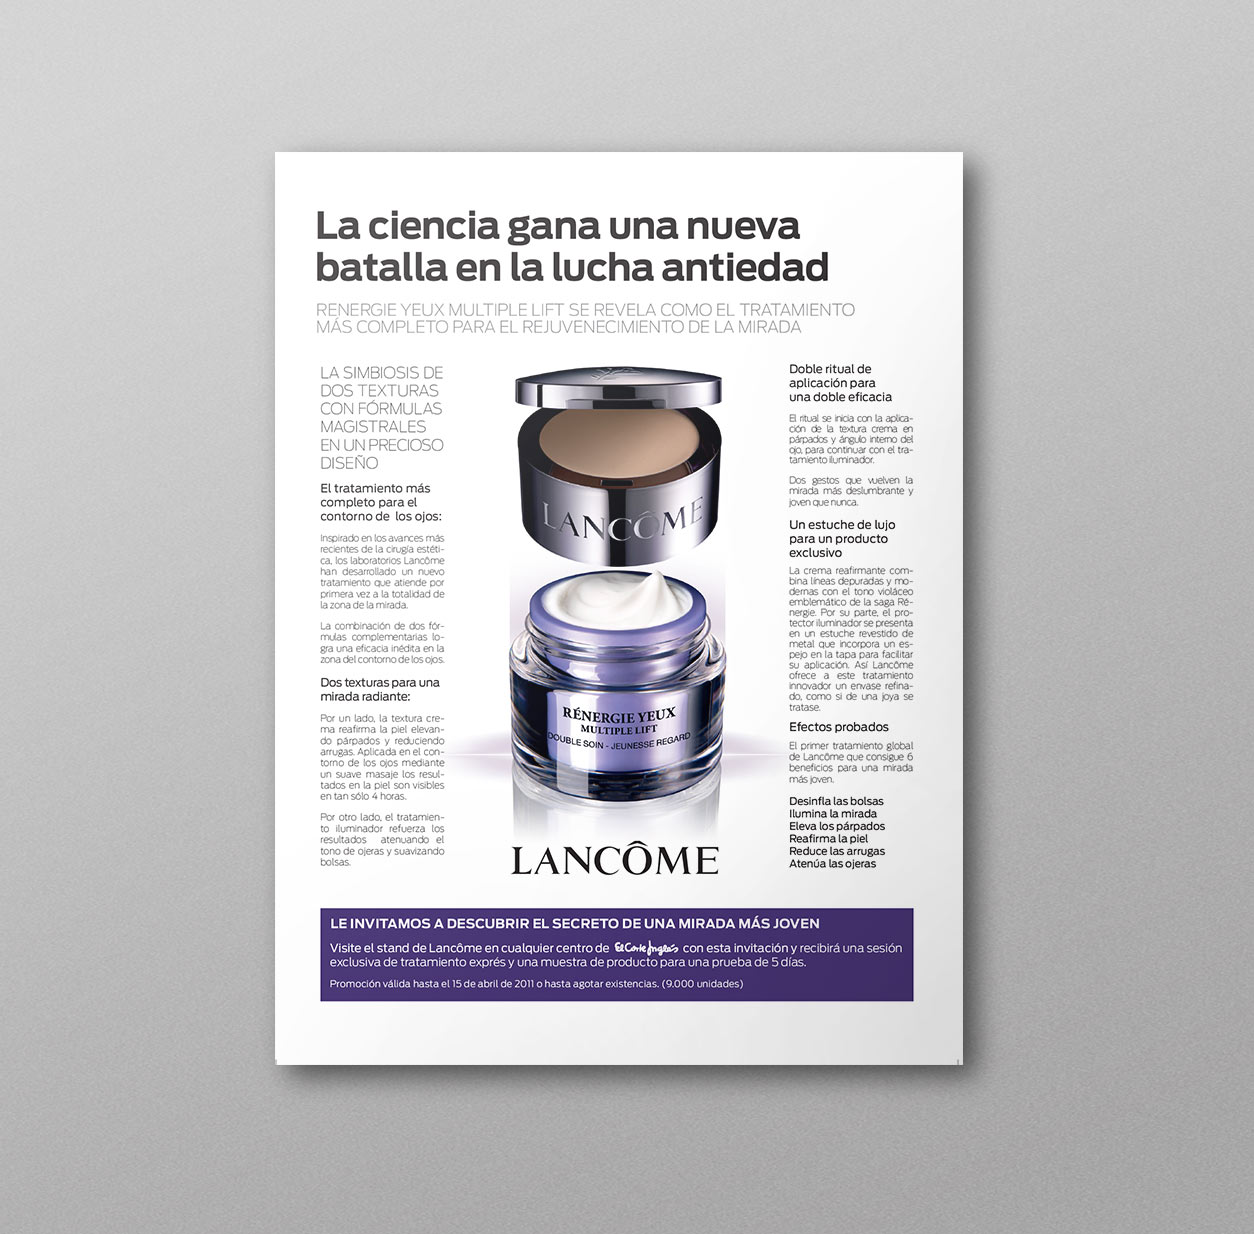 Lancome_publicidad_01.jpg